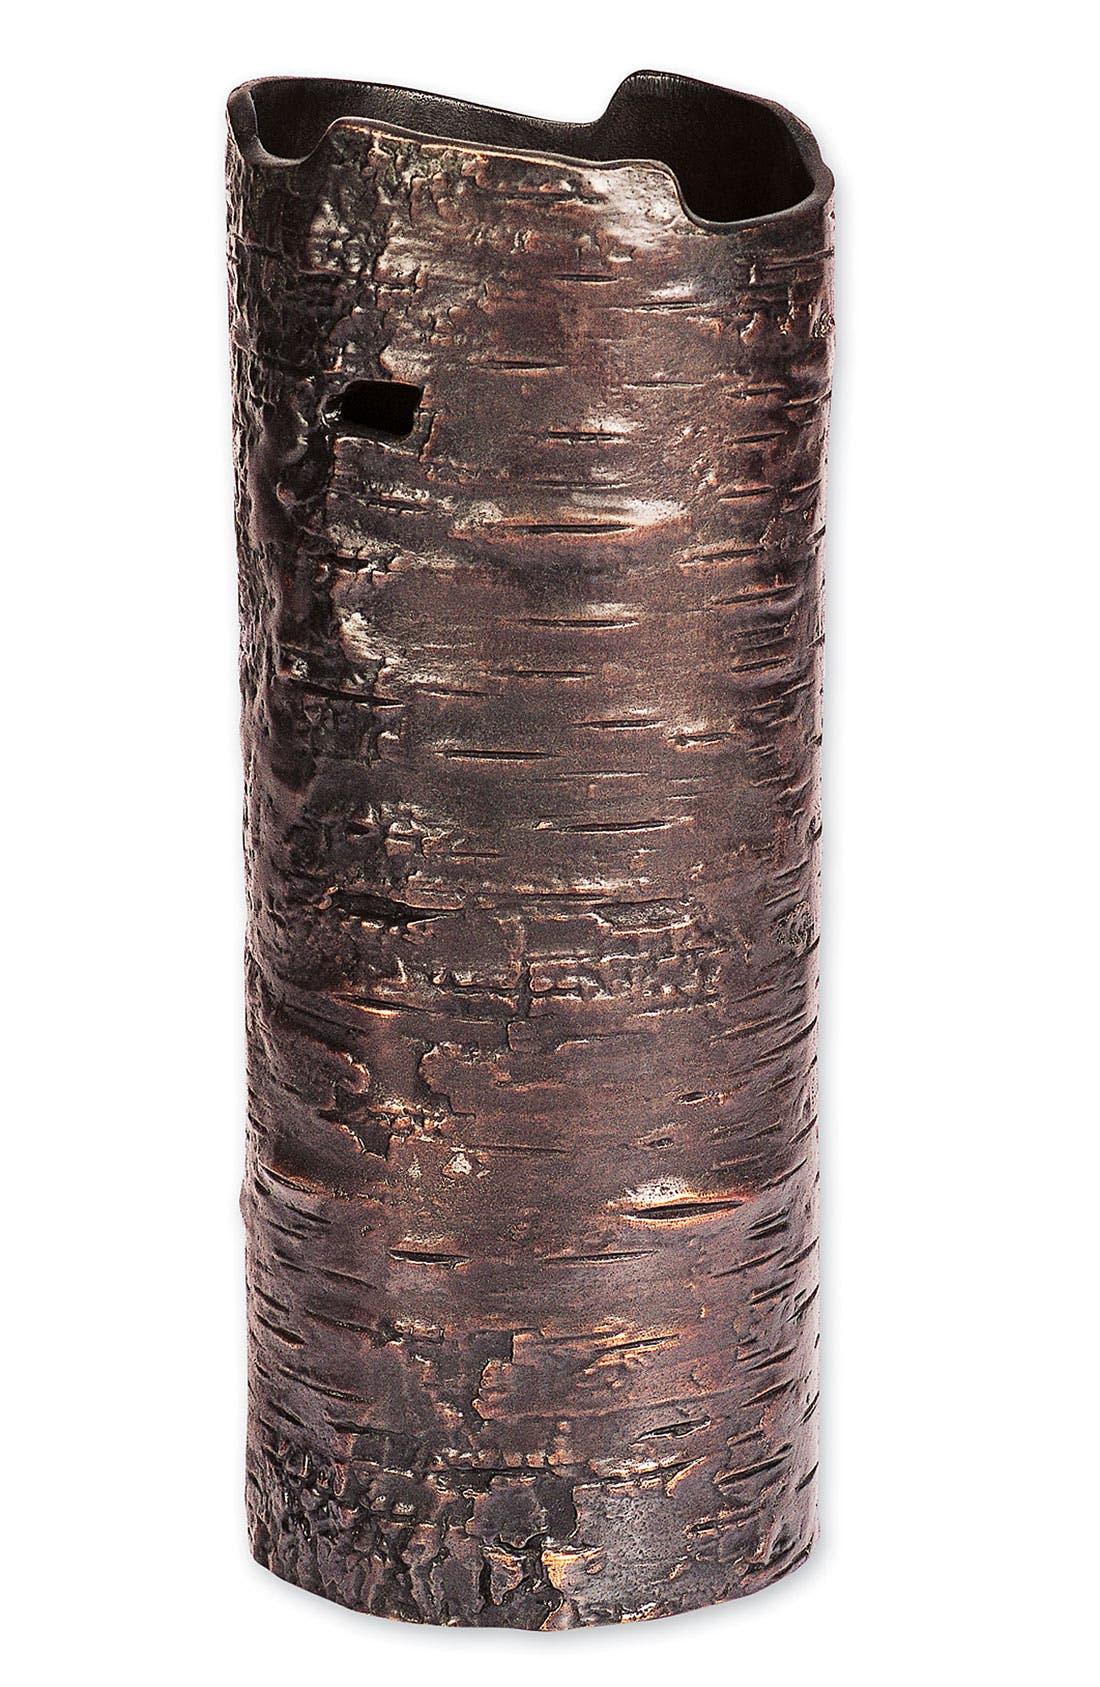 Alternate Image 1 Selected - Michael Aram 'Bark' Copper Vase